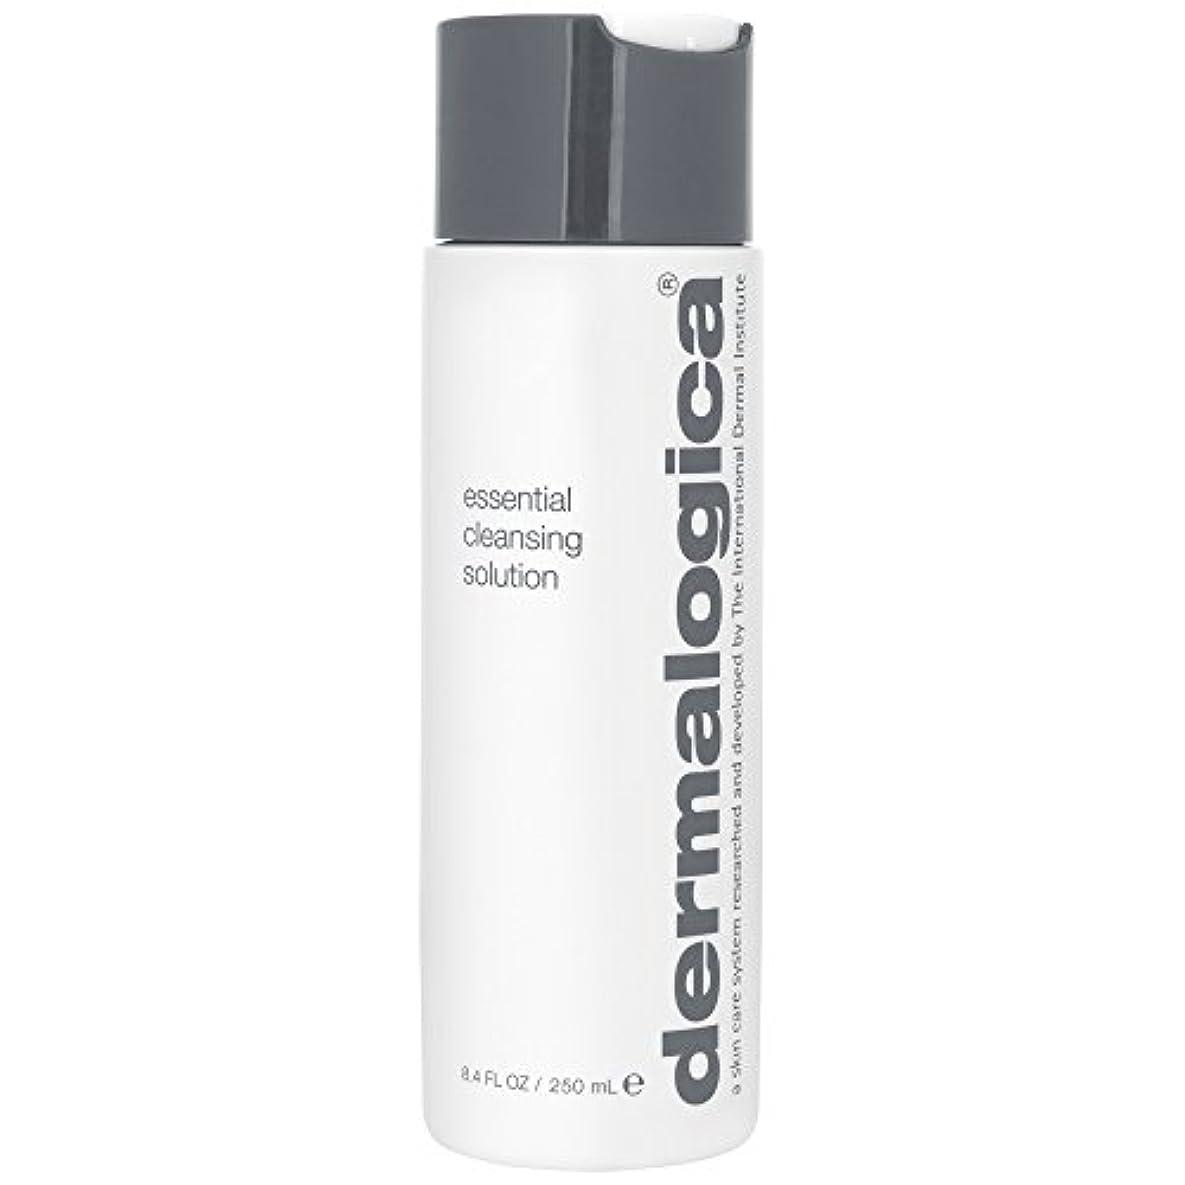 コンドーム肝電気のダーマロジカ不可欠な洗浄液の250ミリリットル (Dermalogica) (x2) - Dermalogica Essential Cleansing Solution 250ml (Pack of 2) [並行輸入品]